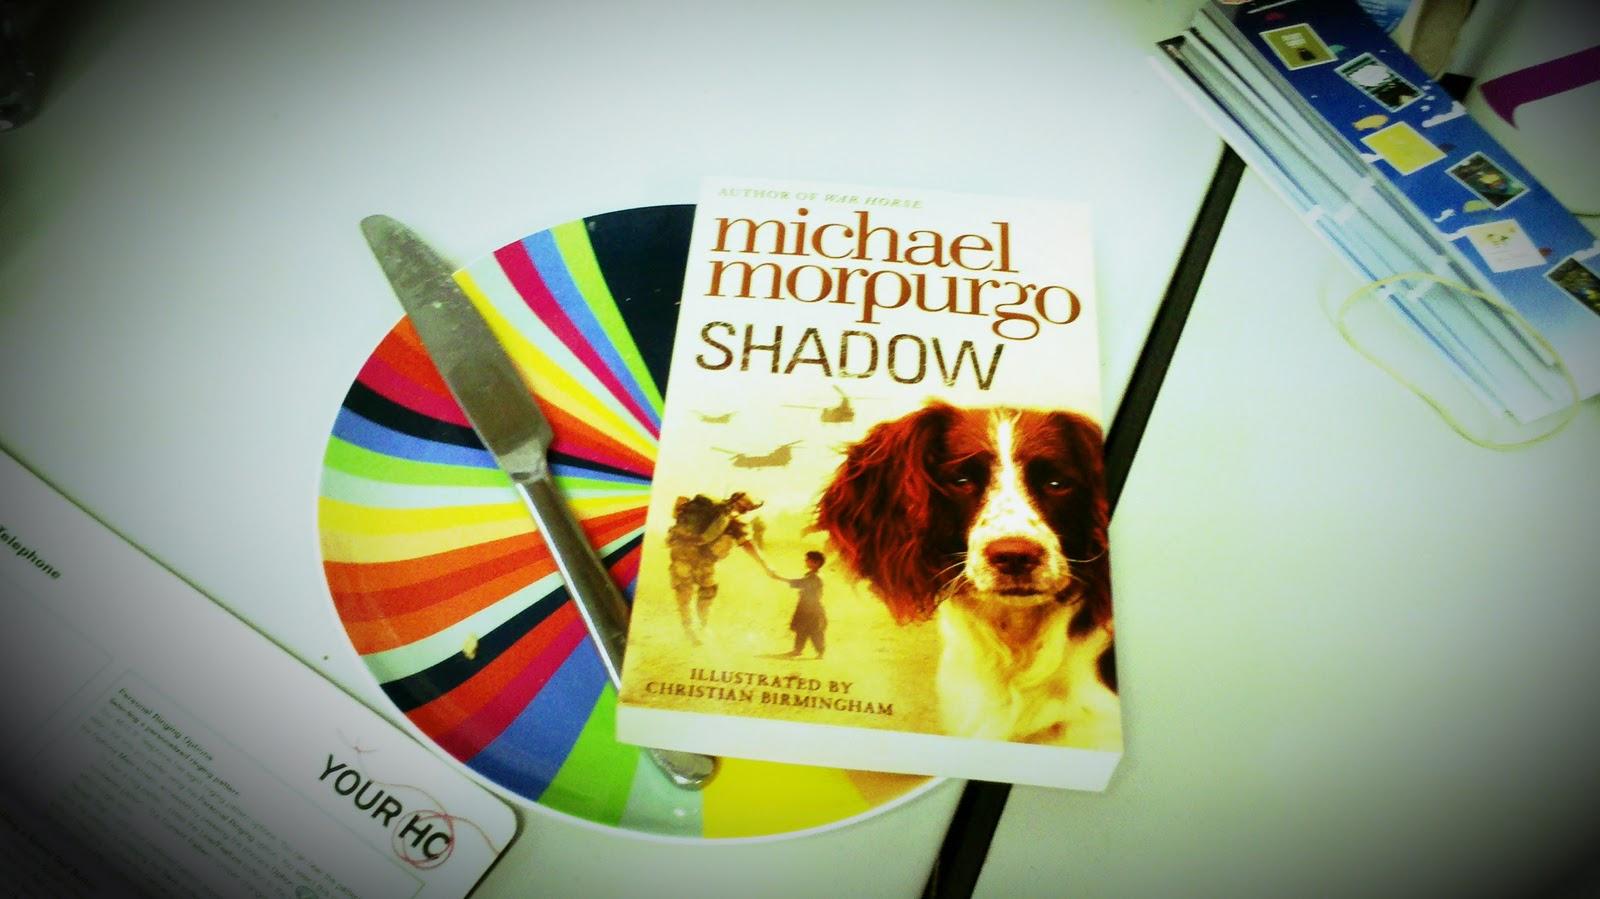 michael morpurgo book review shadow